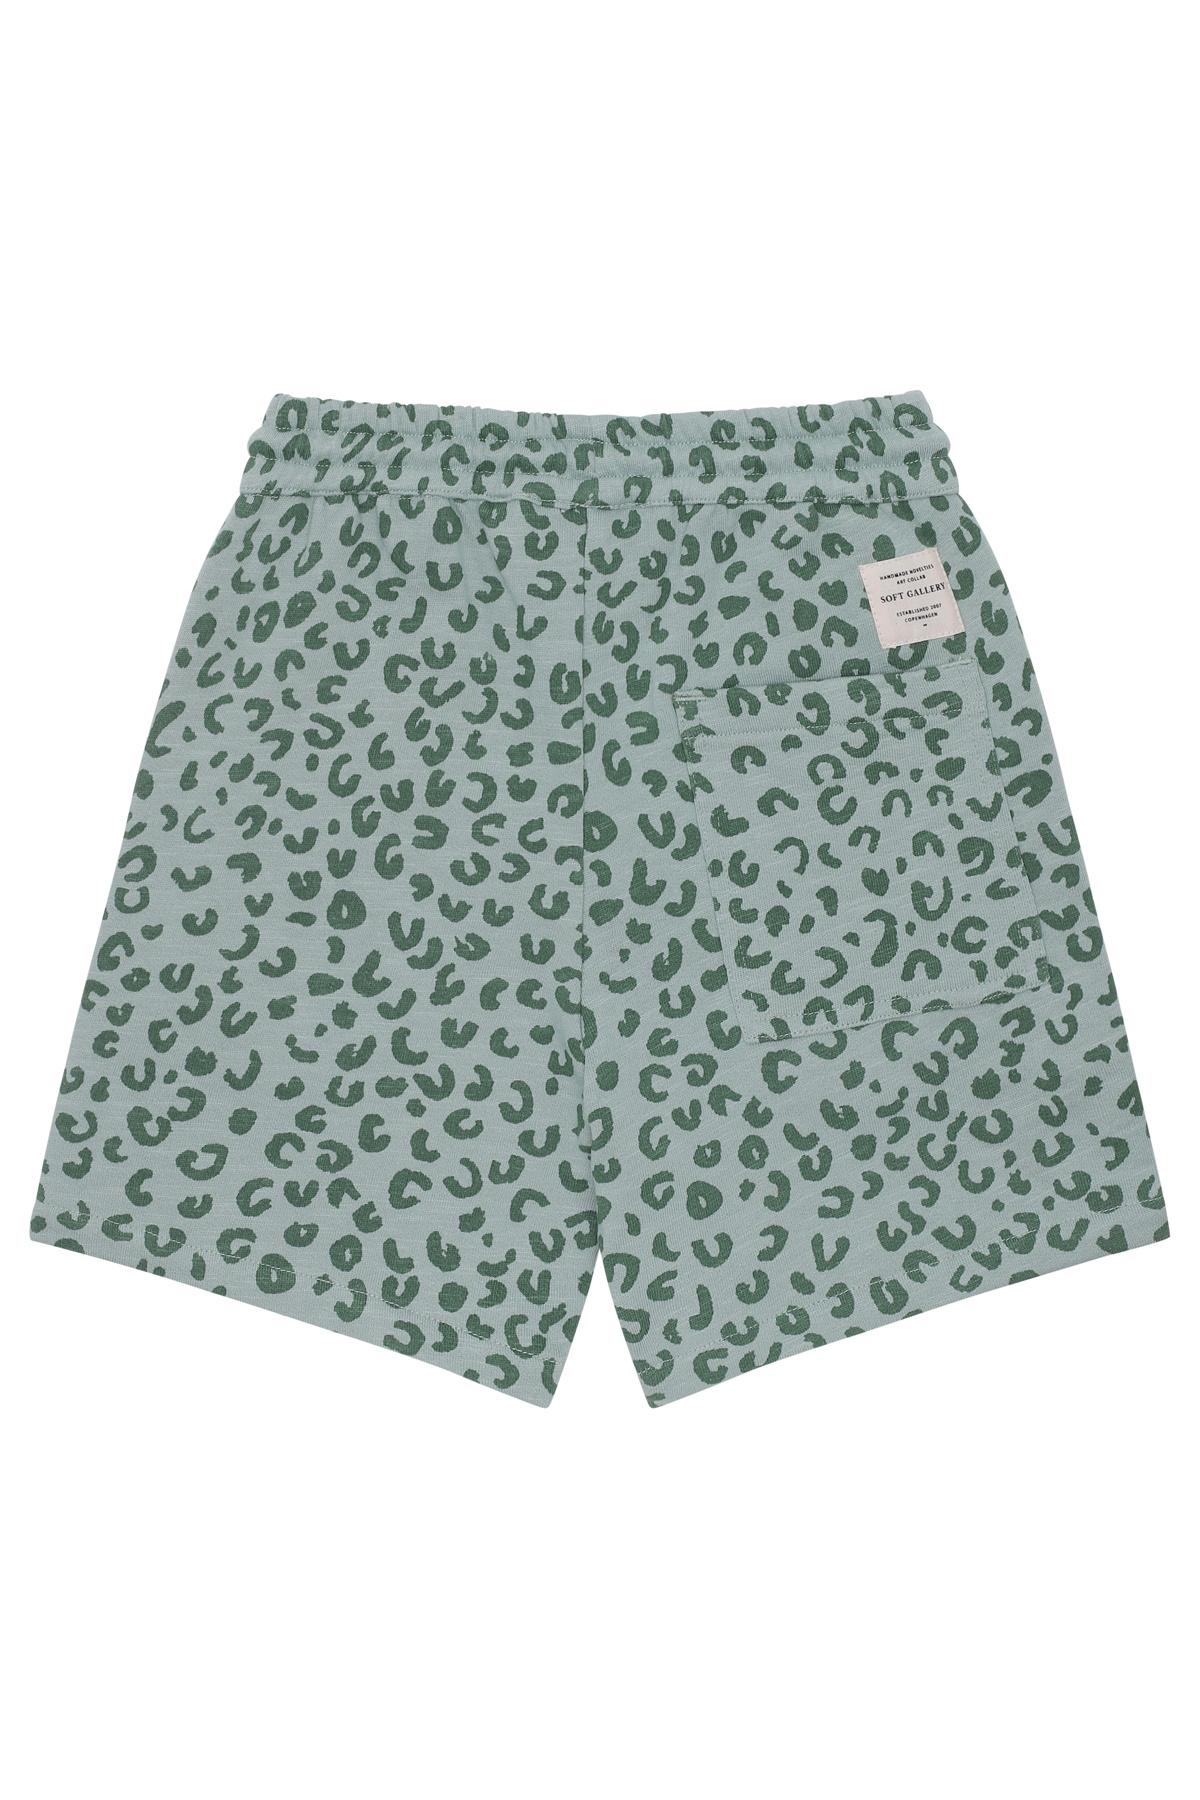 Hudson shorts - Slate Leopspot-2